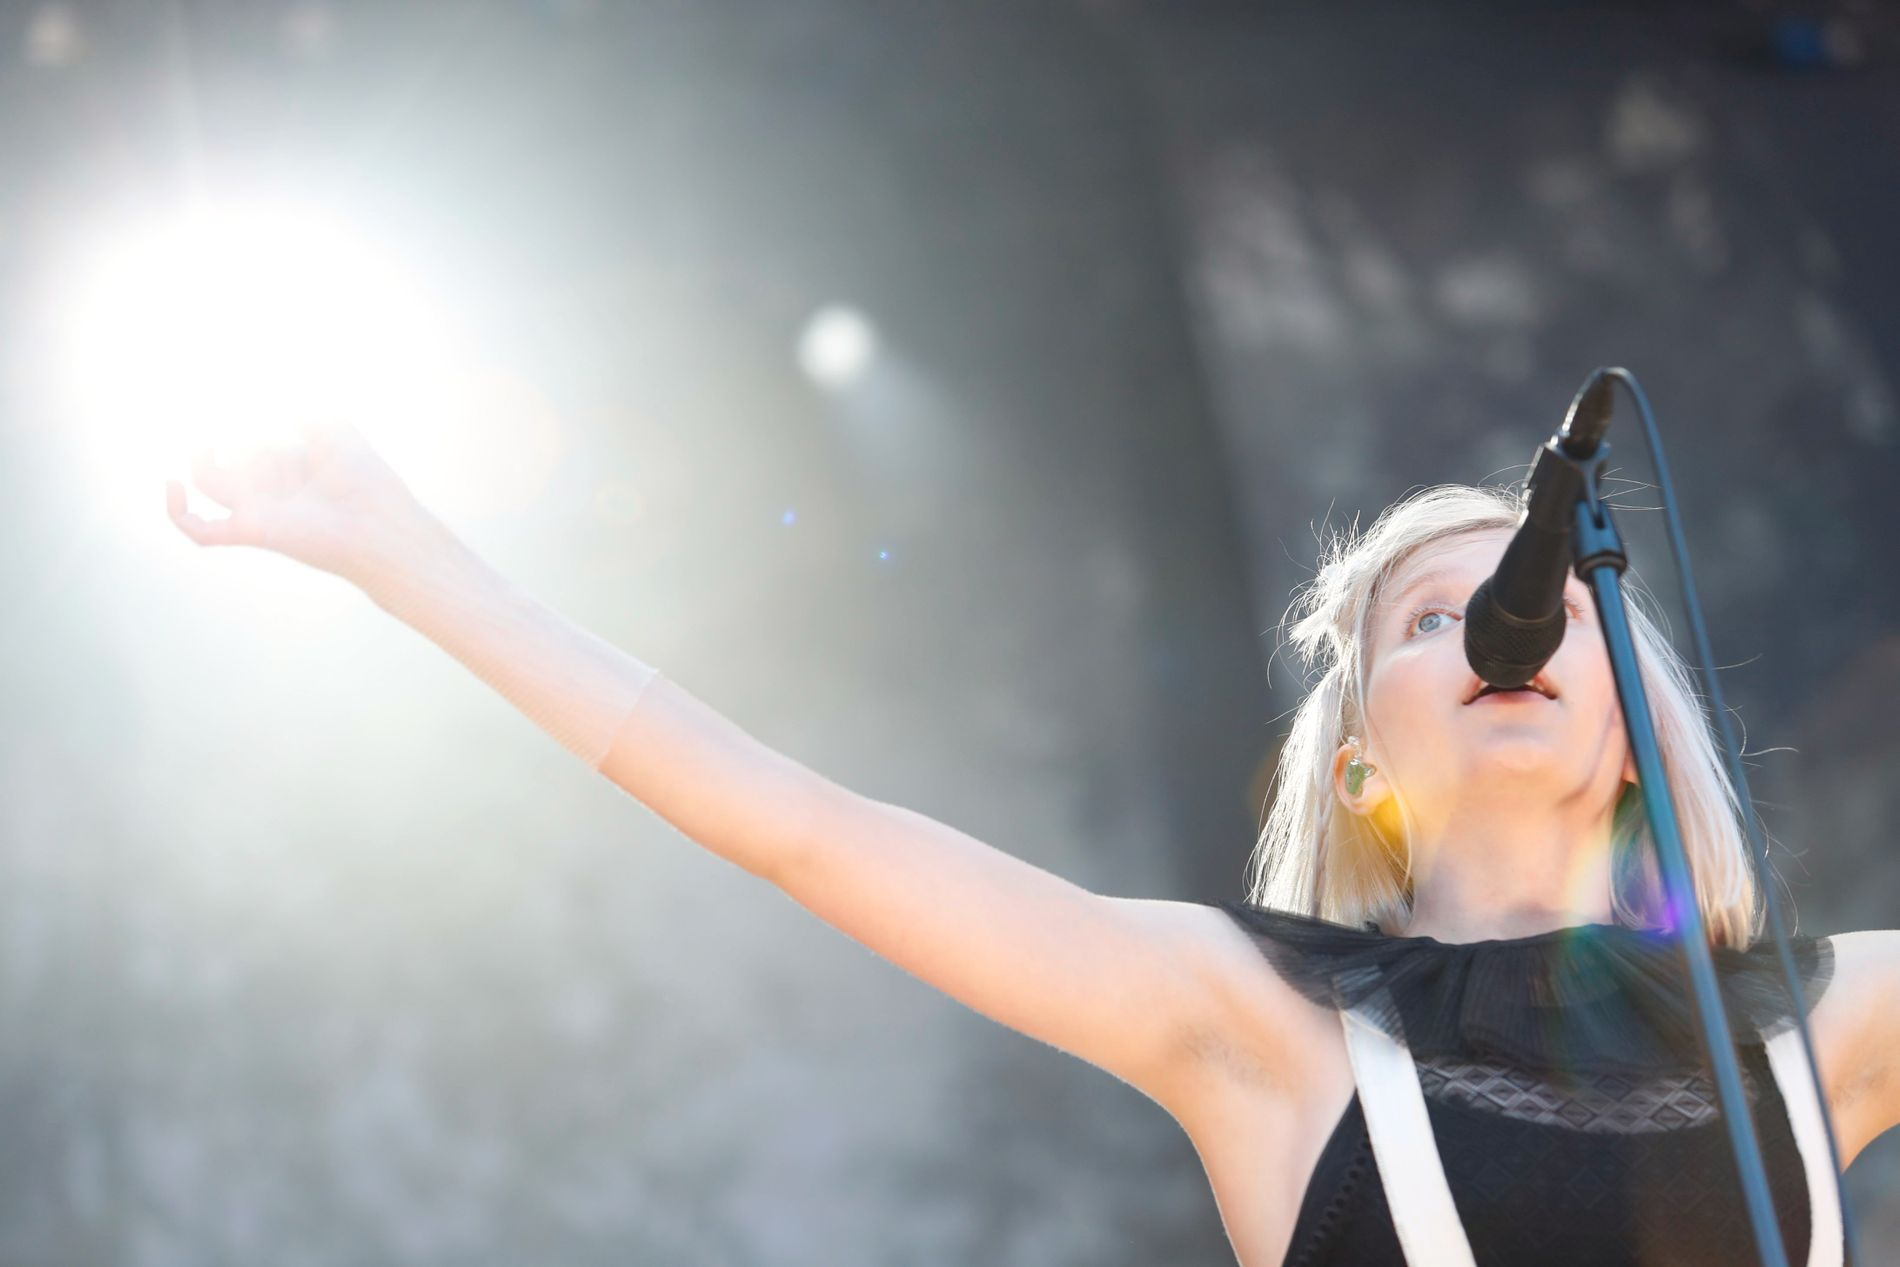 SPIRER OG GROR: Aurora vokser i takt med armhulehåret sitt - som hun åpenbart er veldig stolt av. Foto: NTB SCANPIX